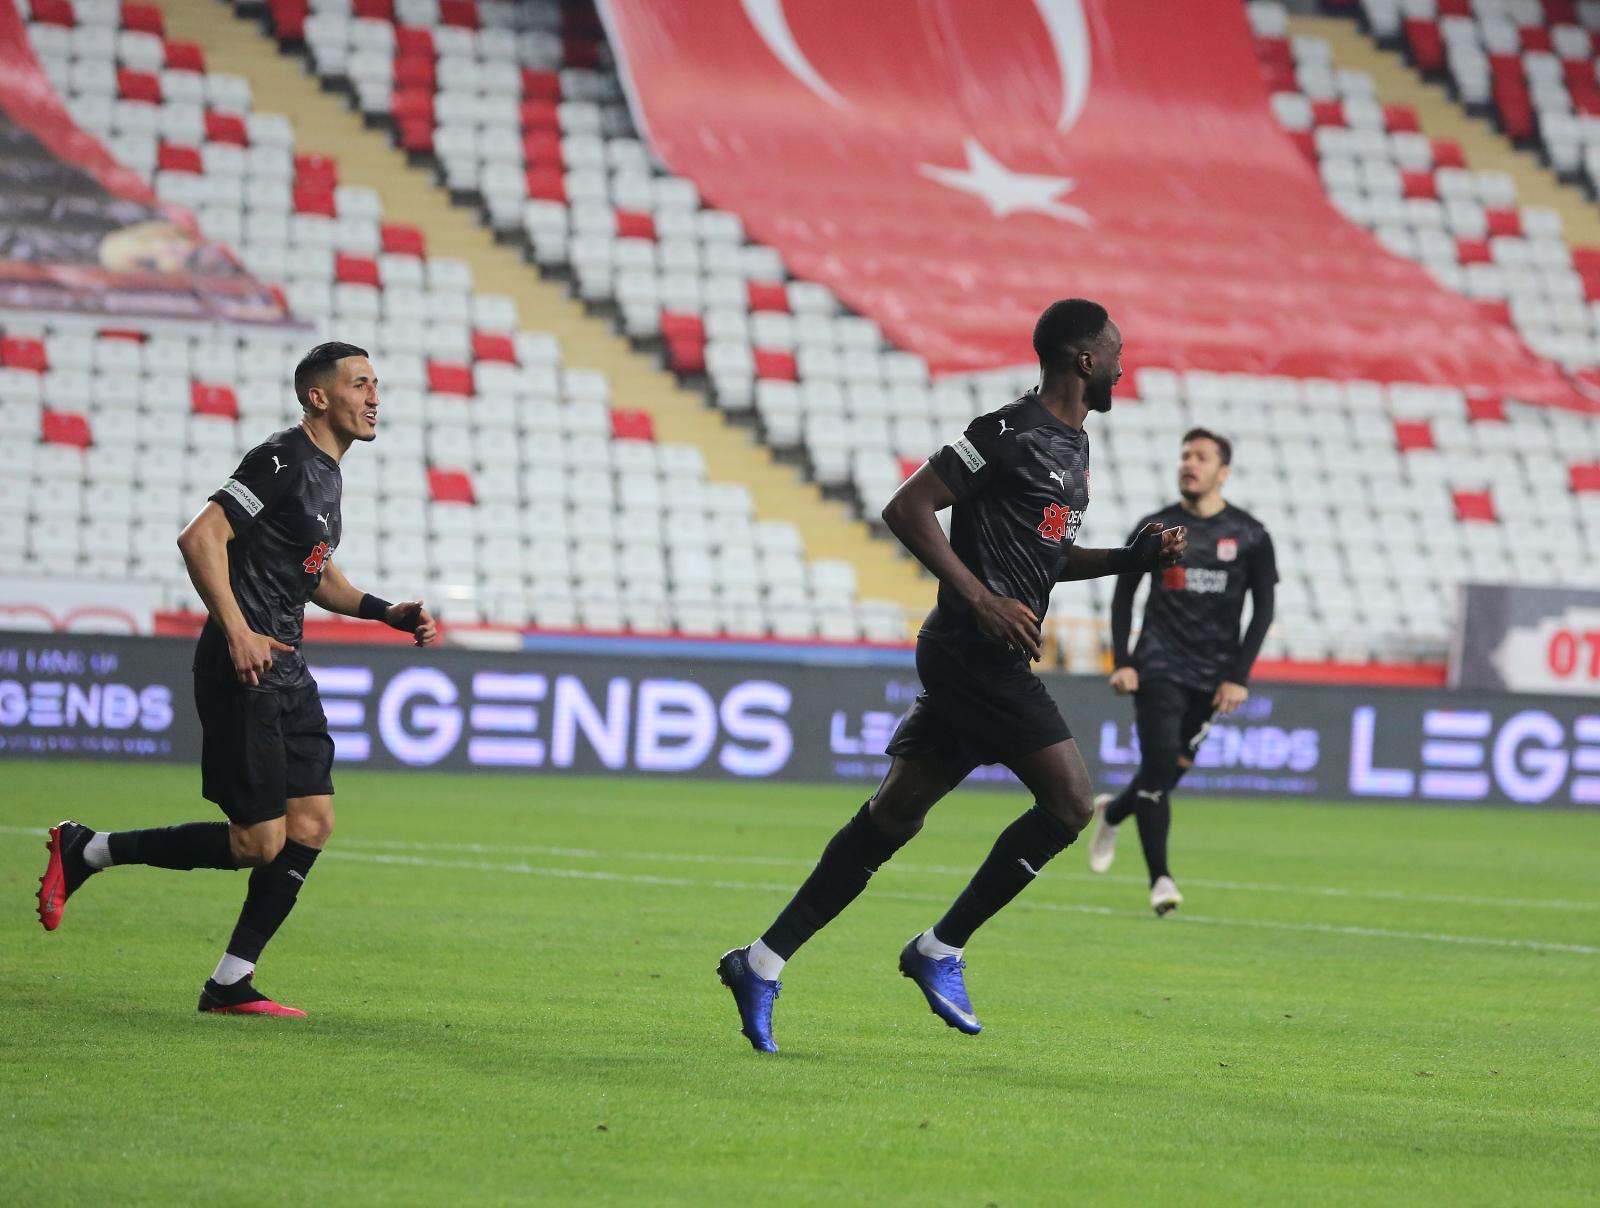 Yatabare ligdeki 9. golünü attı